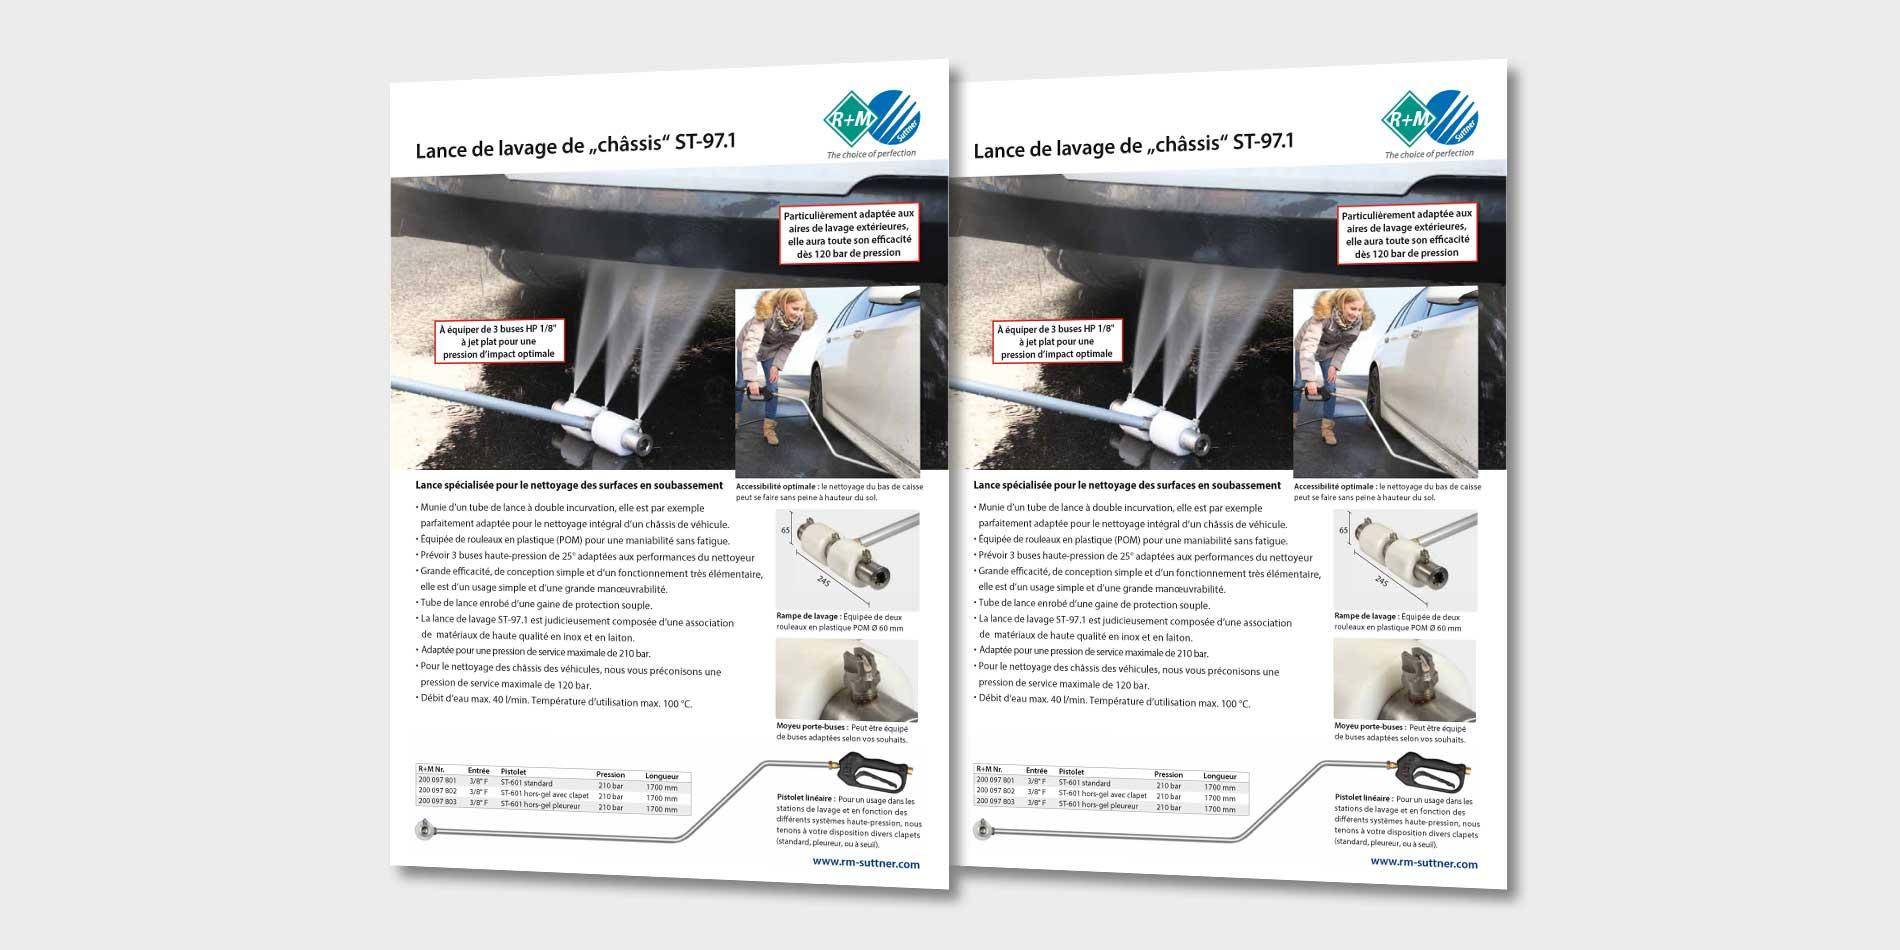 """Lance de lavage de """"châssis"""" ST-97.1. Lance spécialisée pour le nettoyage des surfaces en soubassement."""